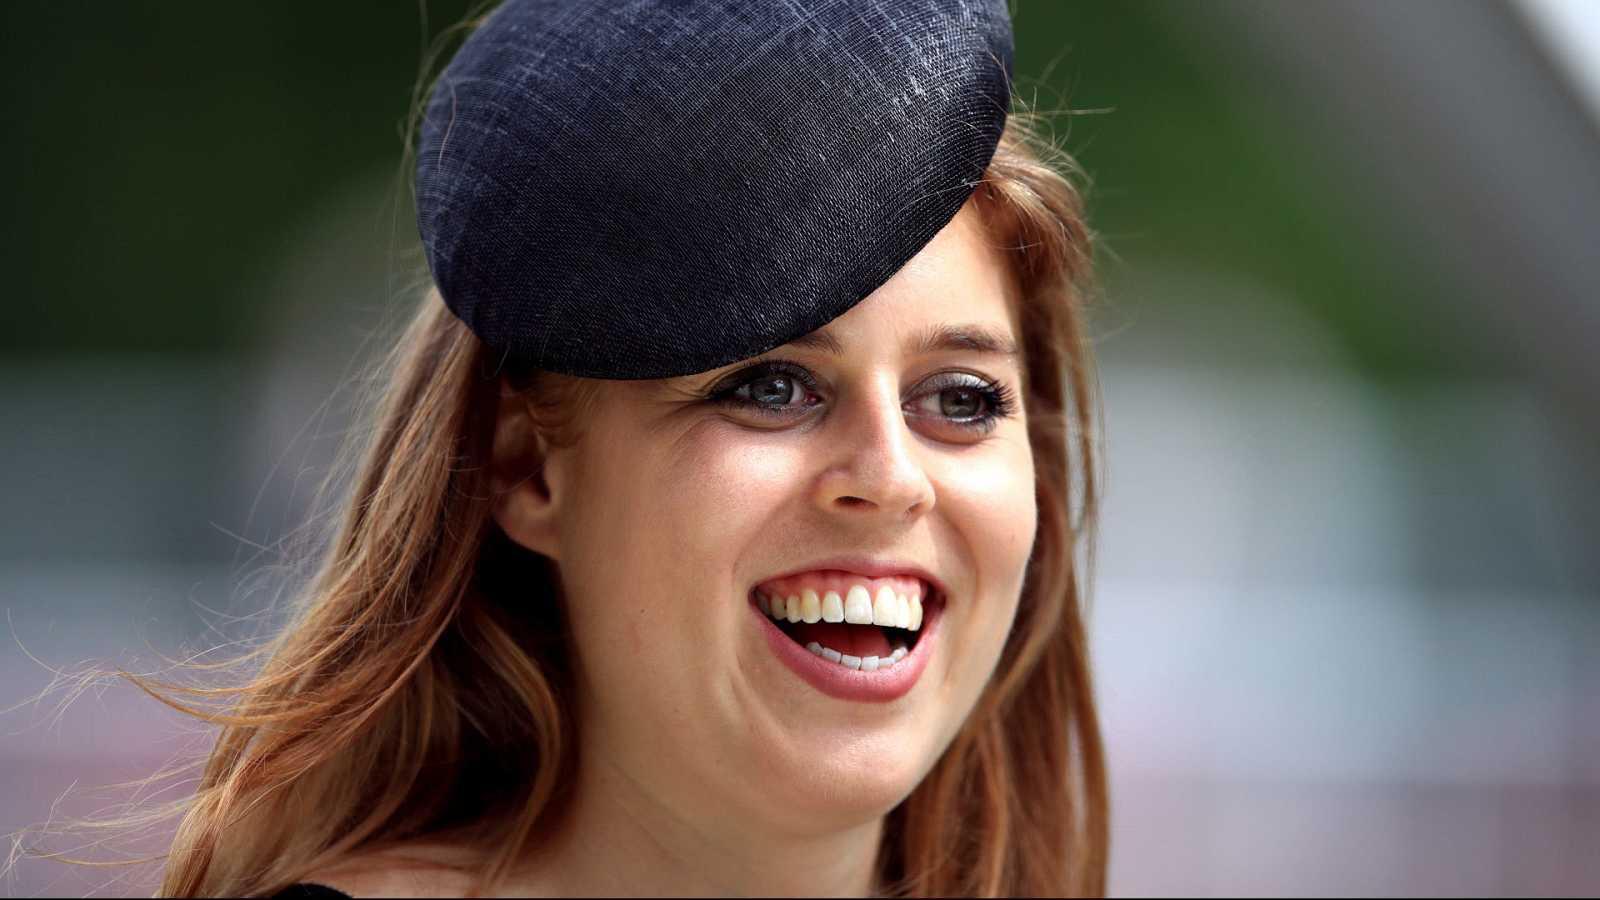 Beatriz de York debería de haberse casado el 29 d emayo de 2020. Ha anulado su boda por la pandemia de coronavirus